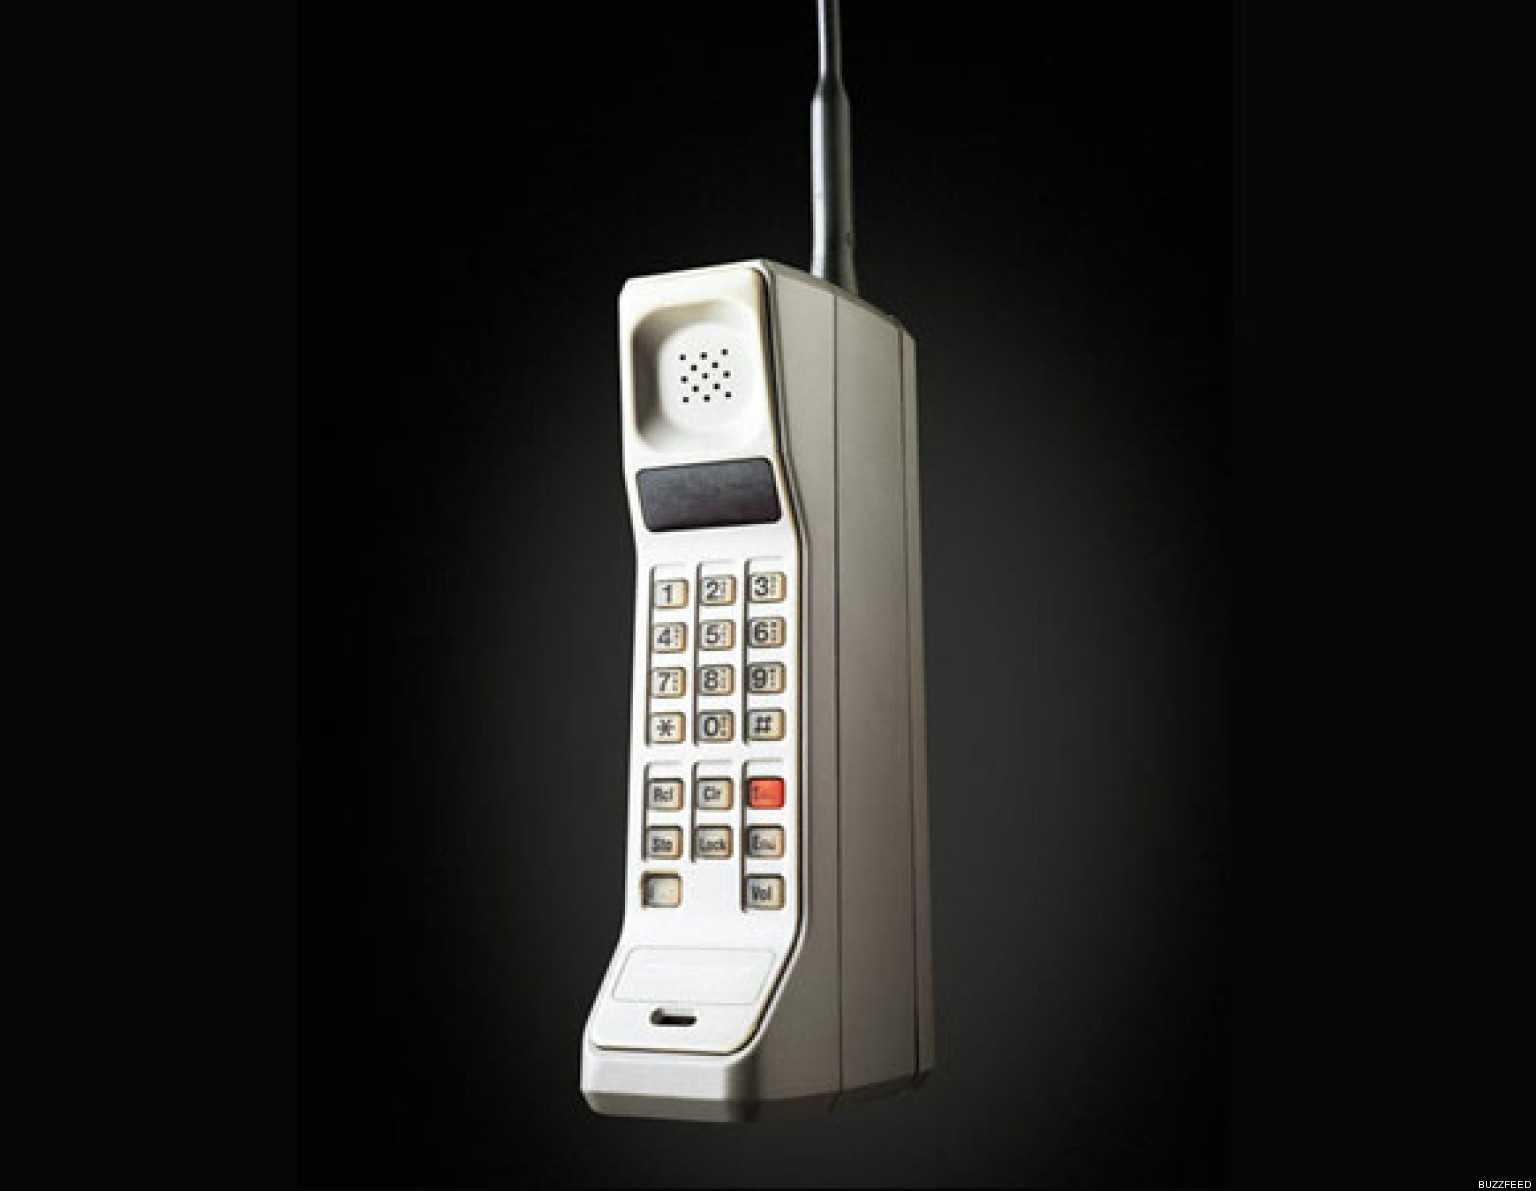 1984. - Motorola DynaTAC